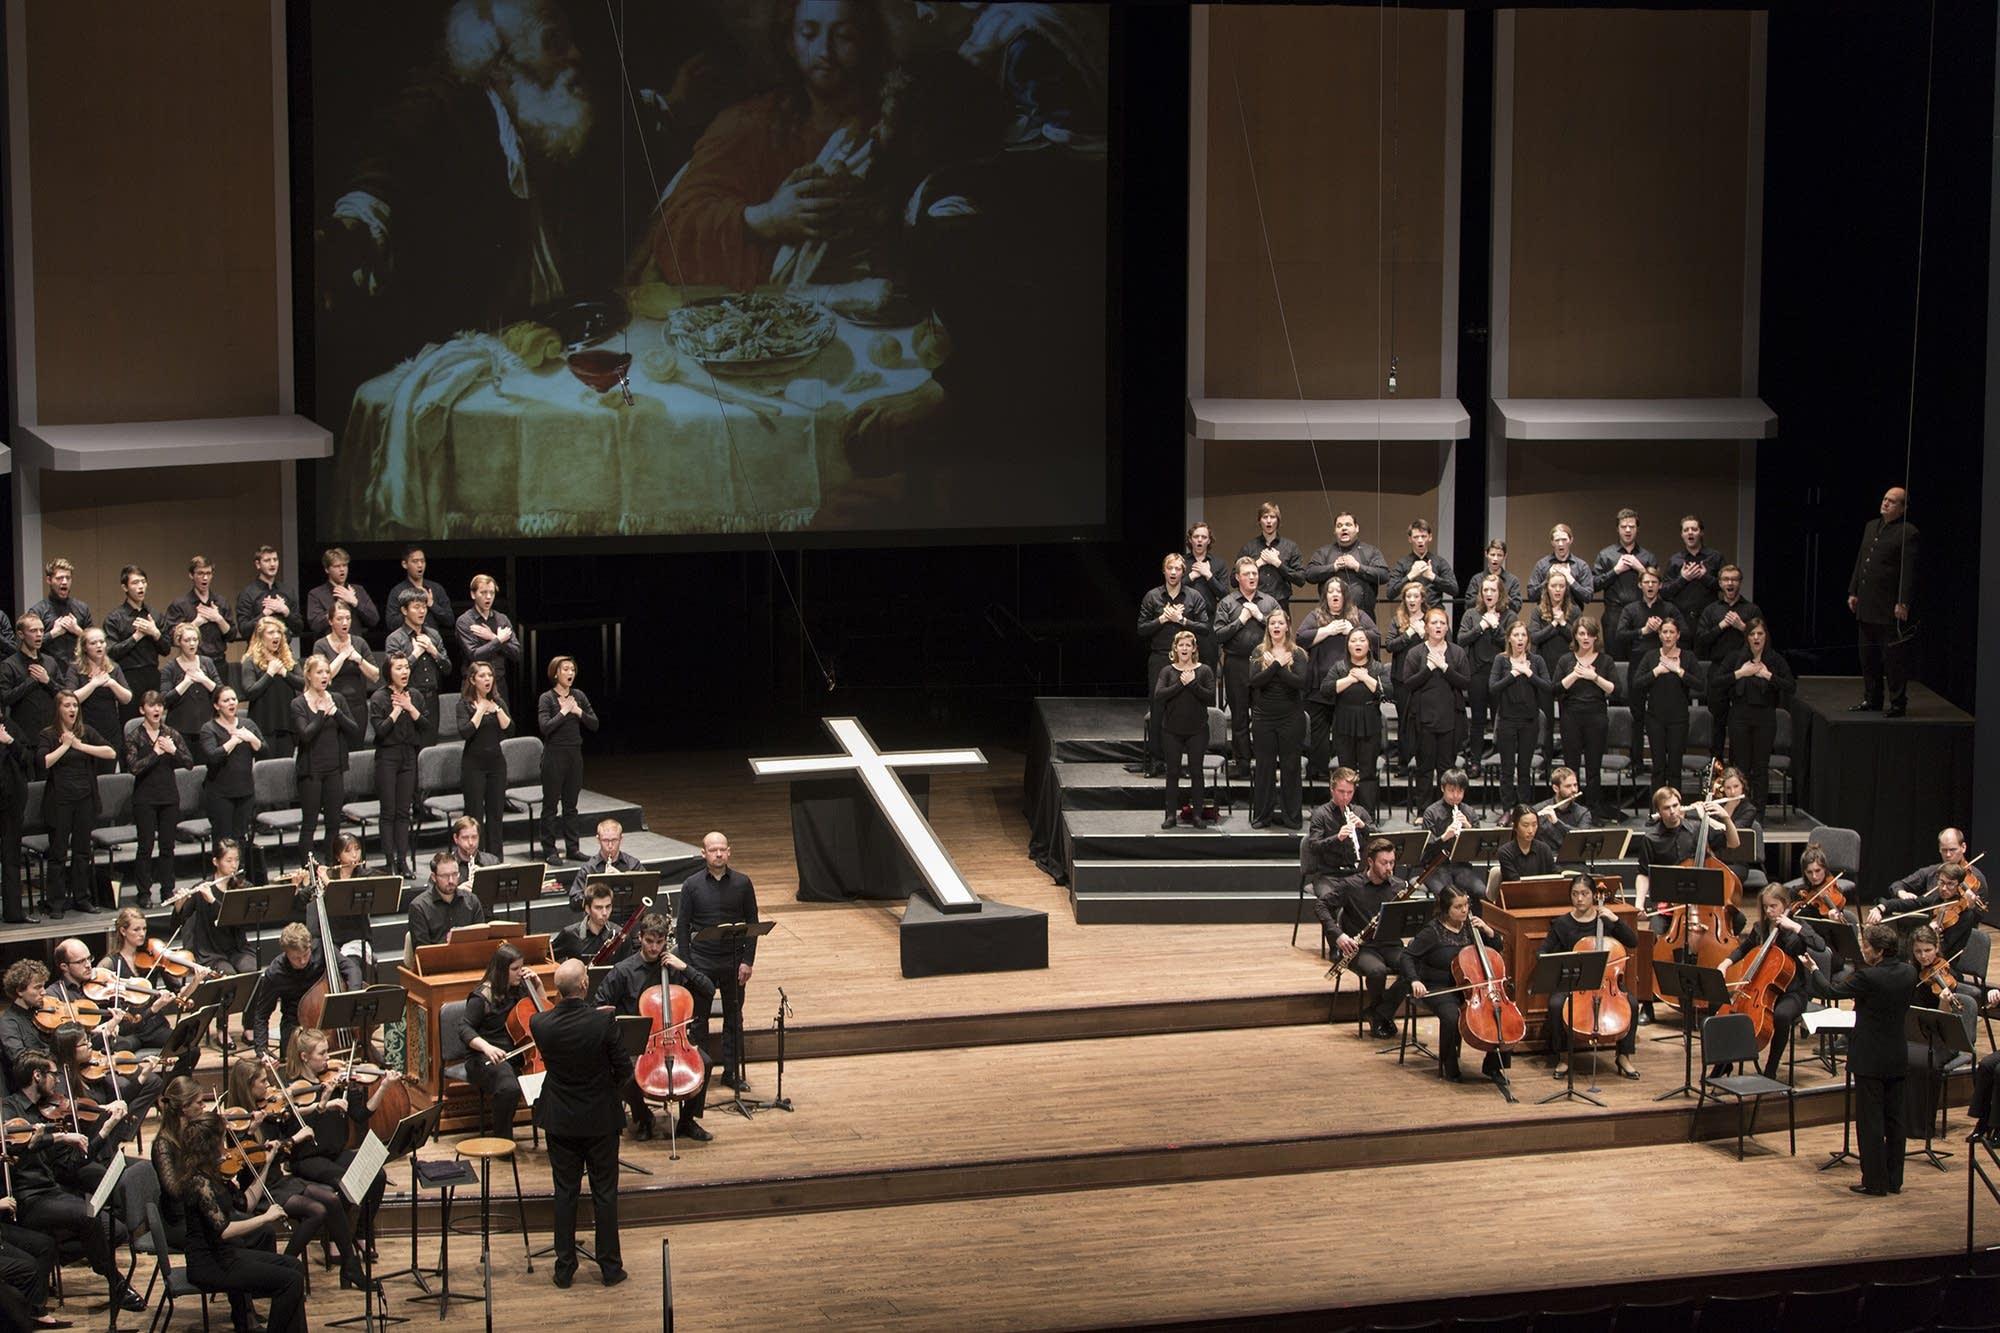 University of Minnesota's Bach's St. Matthew Passion